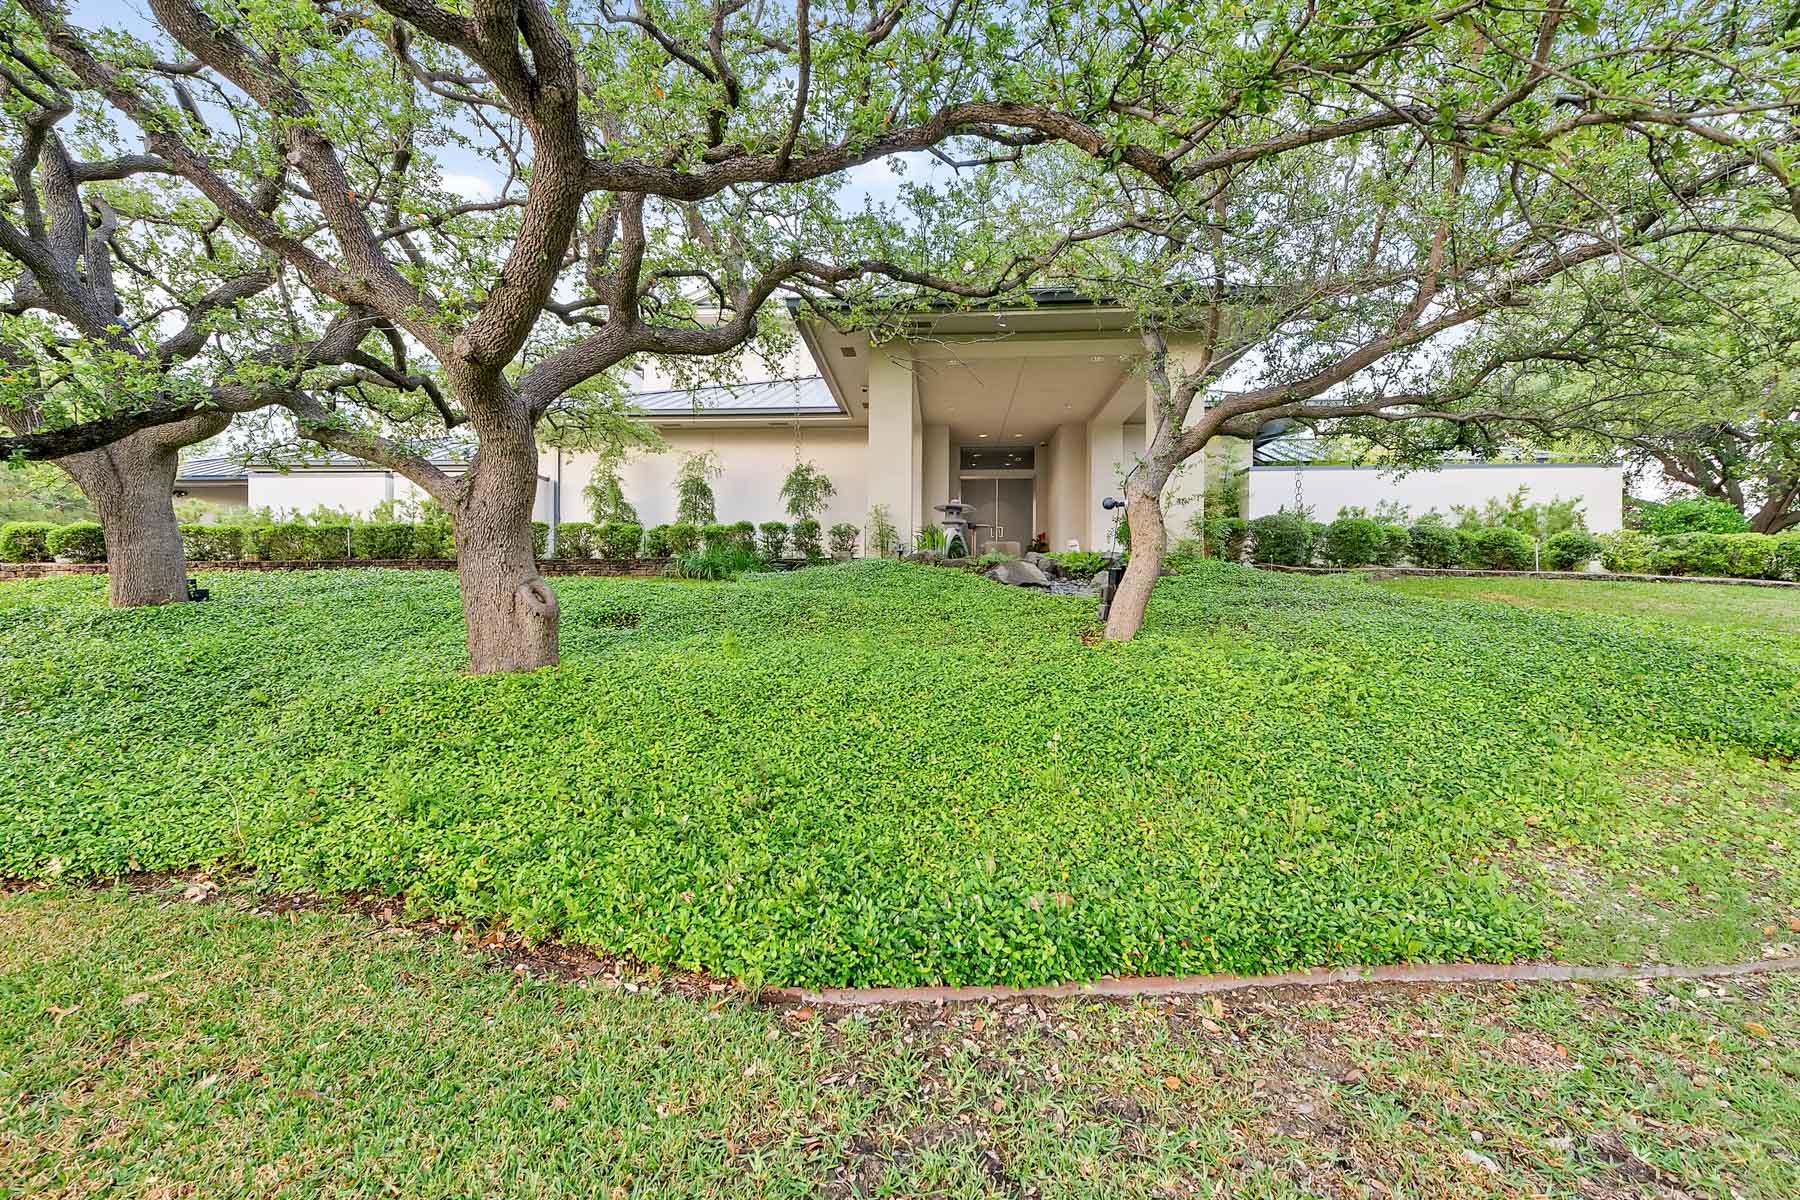 一戸建て のために 売買 アット 6208 Indian Creek Drive, Westover Hills Westover Hills, テキサス, 76107 アメリカ合衆国